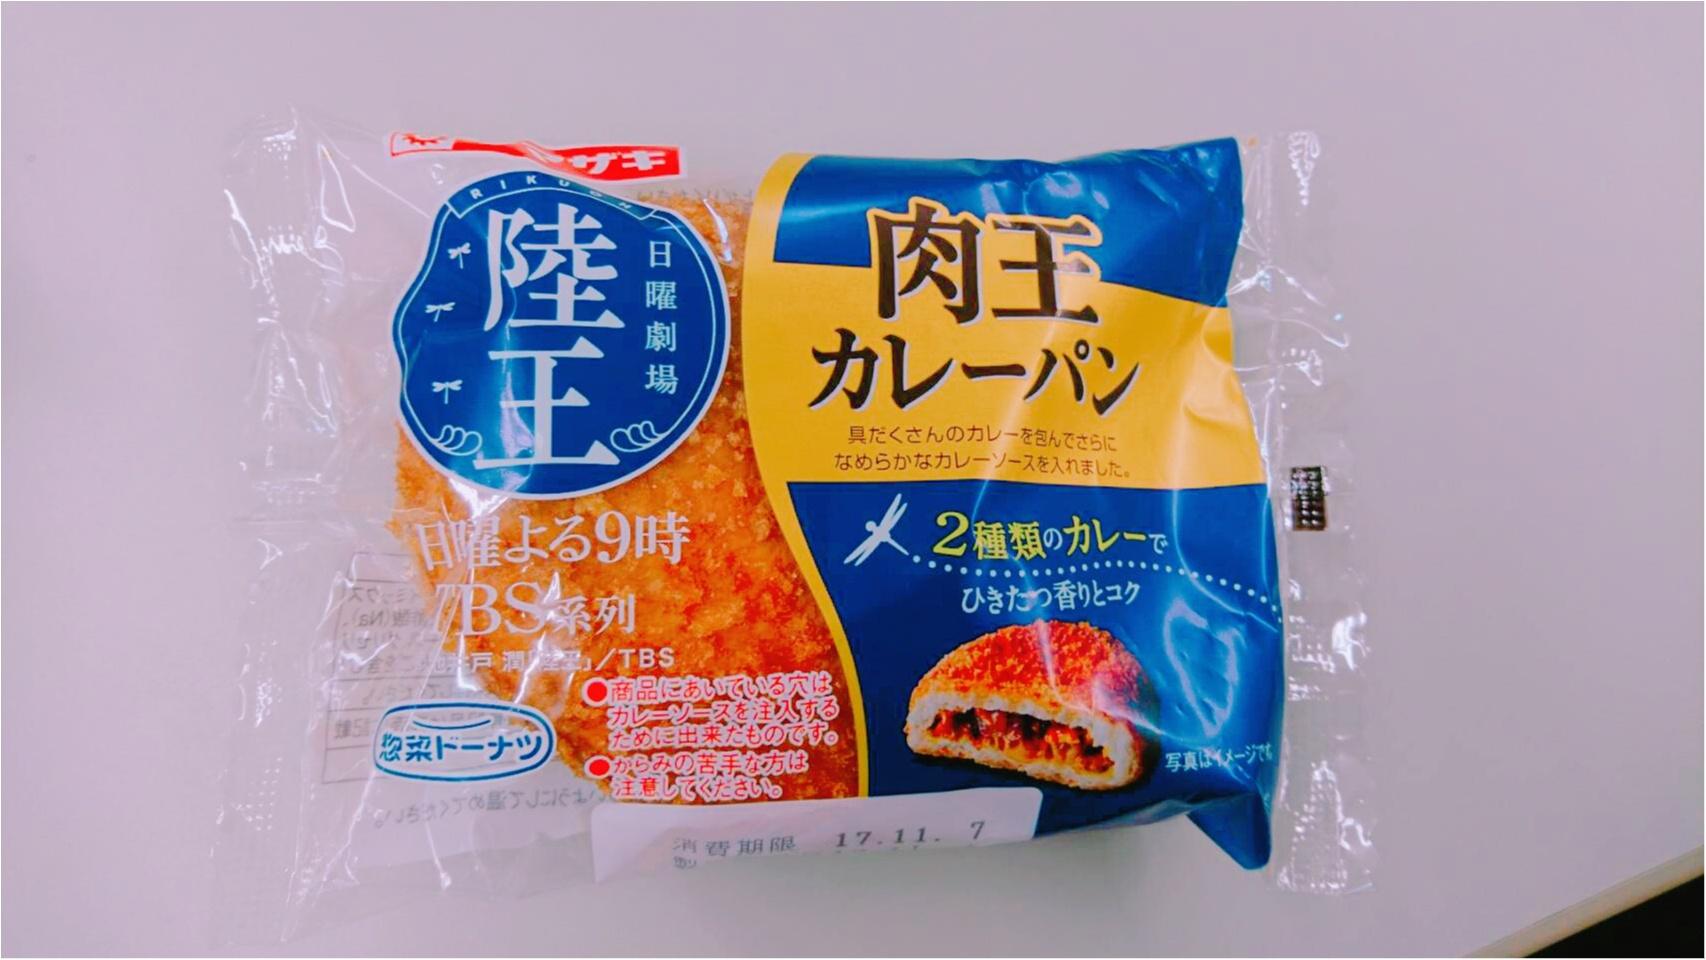 TBSドラマ「陸王」コラボの肉王カレーパンをぺろりっ_3